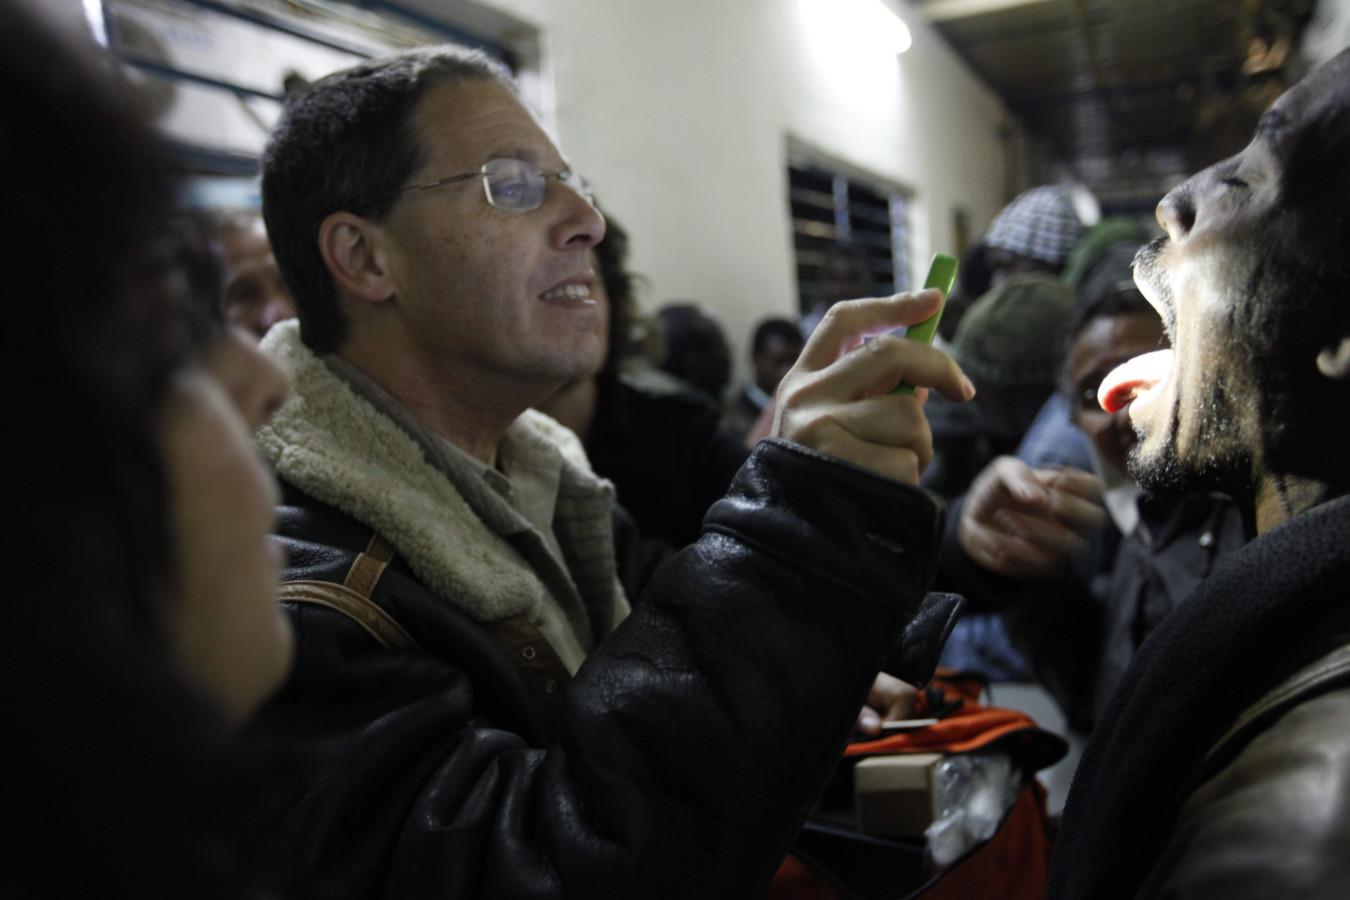 سلطة الضرائب الإسرائيلية تهدد بسحب امتيازات من منظمة أطباء لحقوق الإنسان